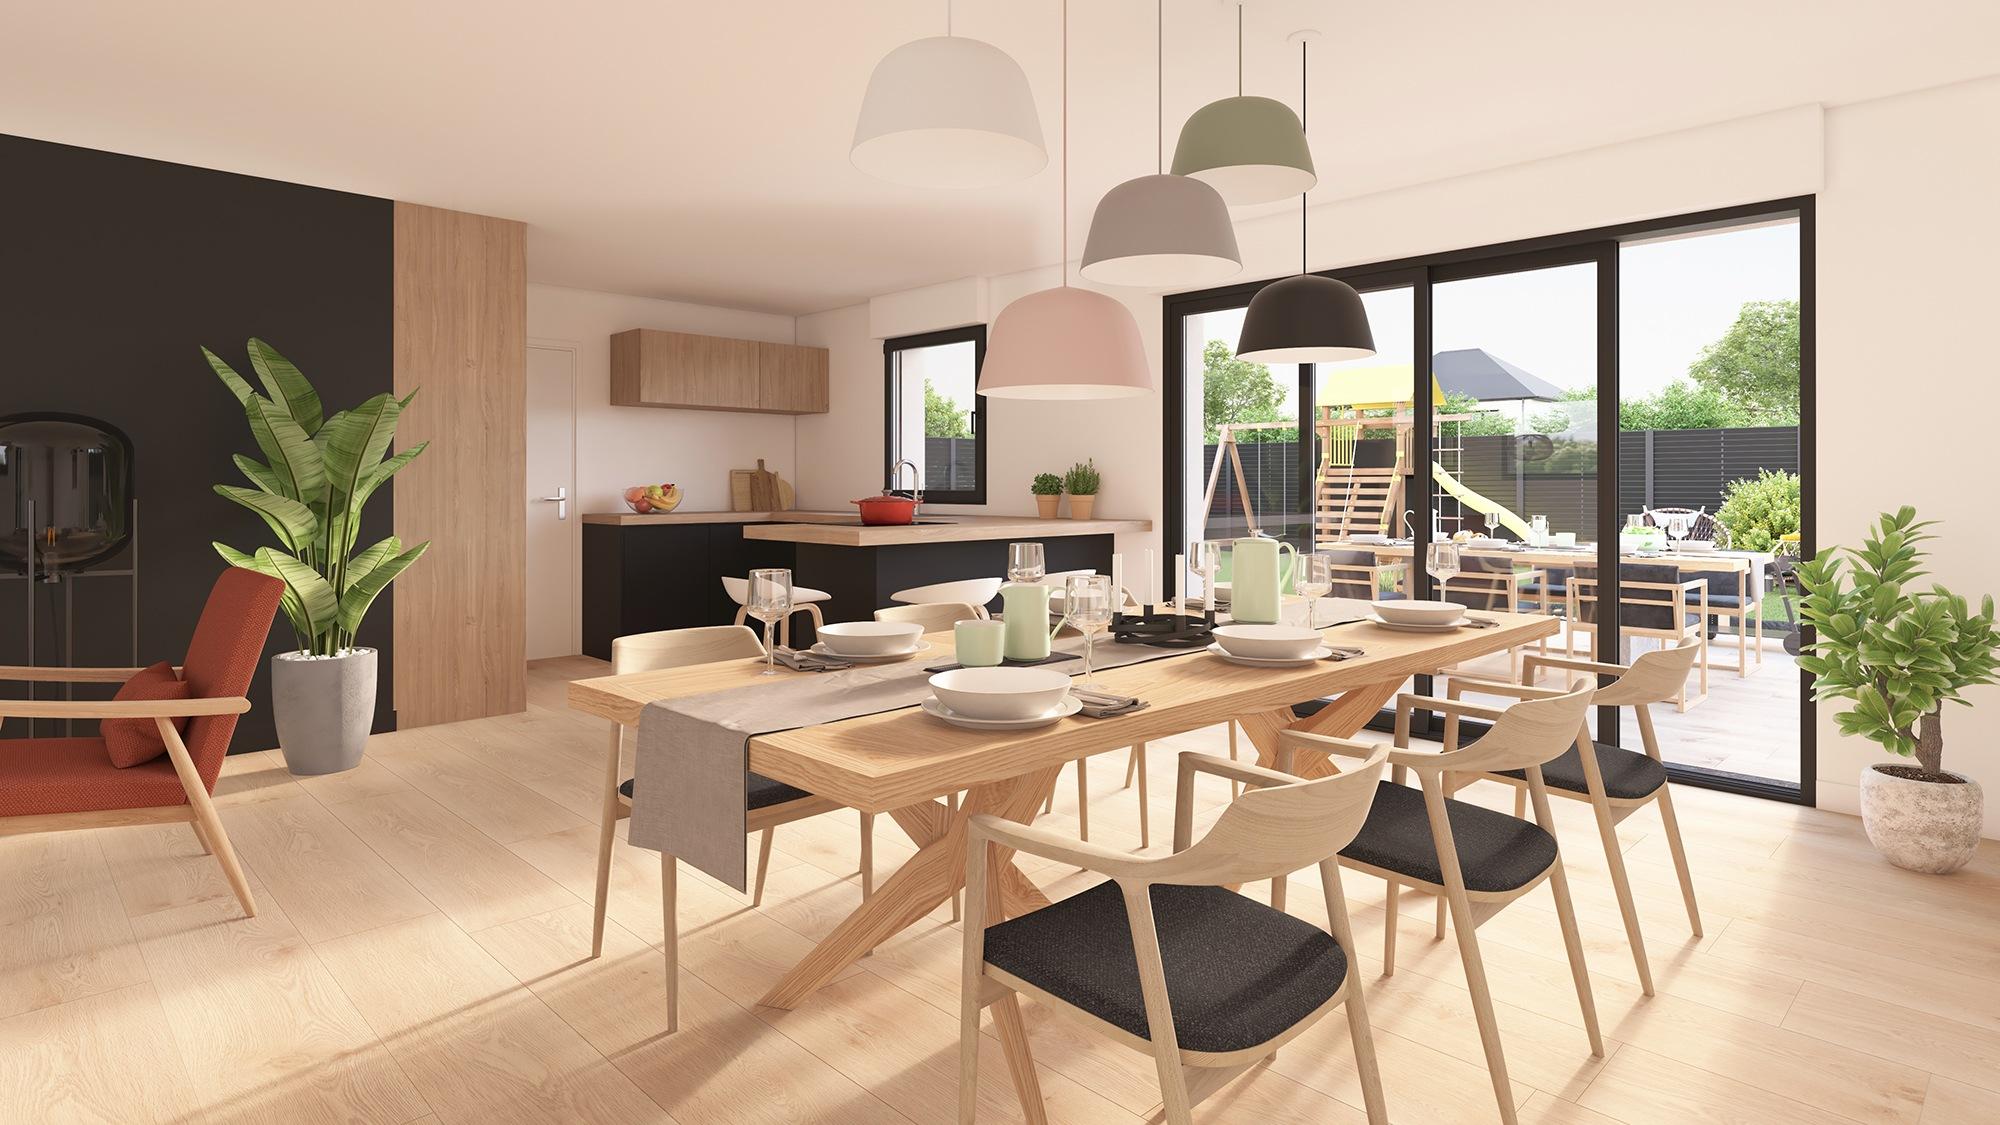 Maisons + Terrains du constructeur Maison Castor Lezennes • 96 m² • VIEUX BERQUIN